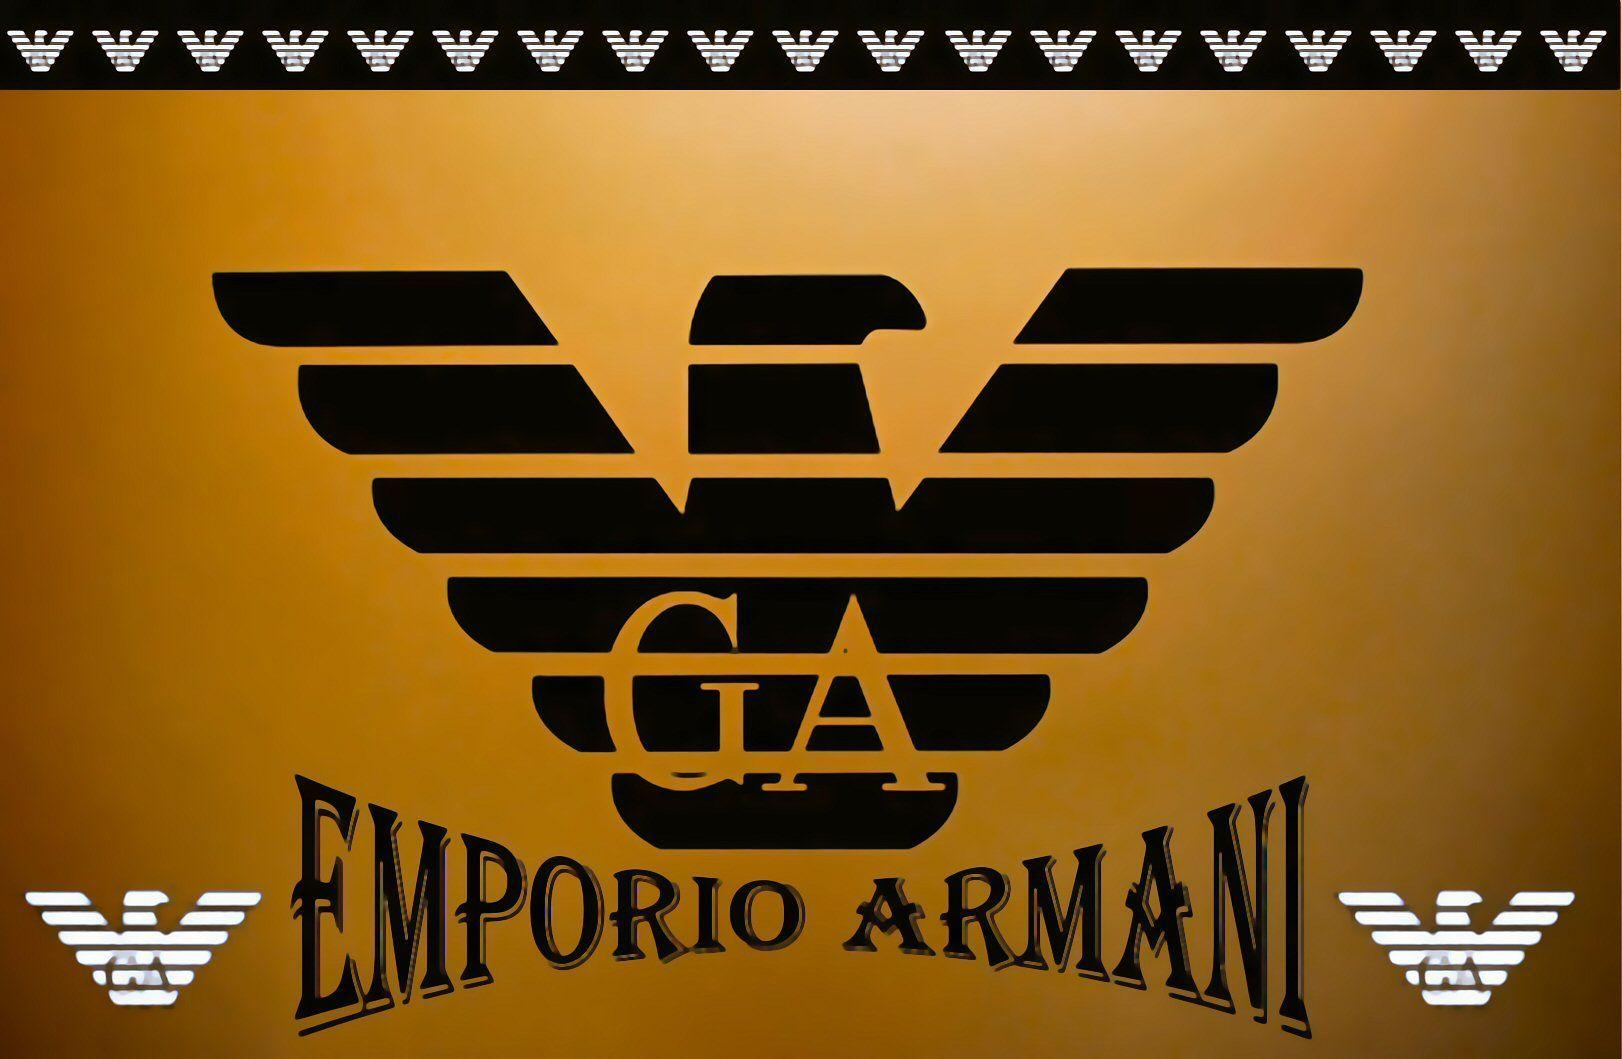 Armani wallpapers wallpaper cave - Emporio giorgio armani logo ...